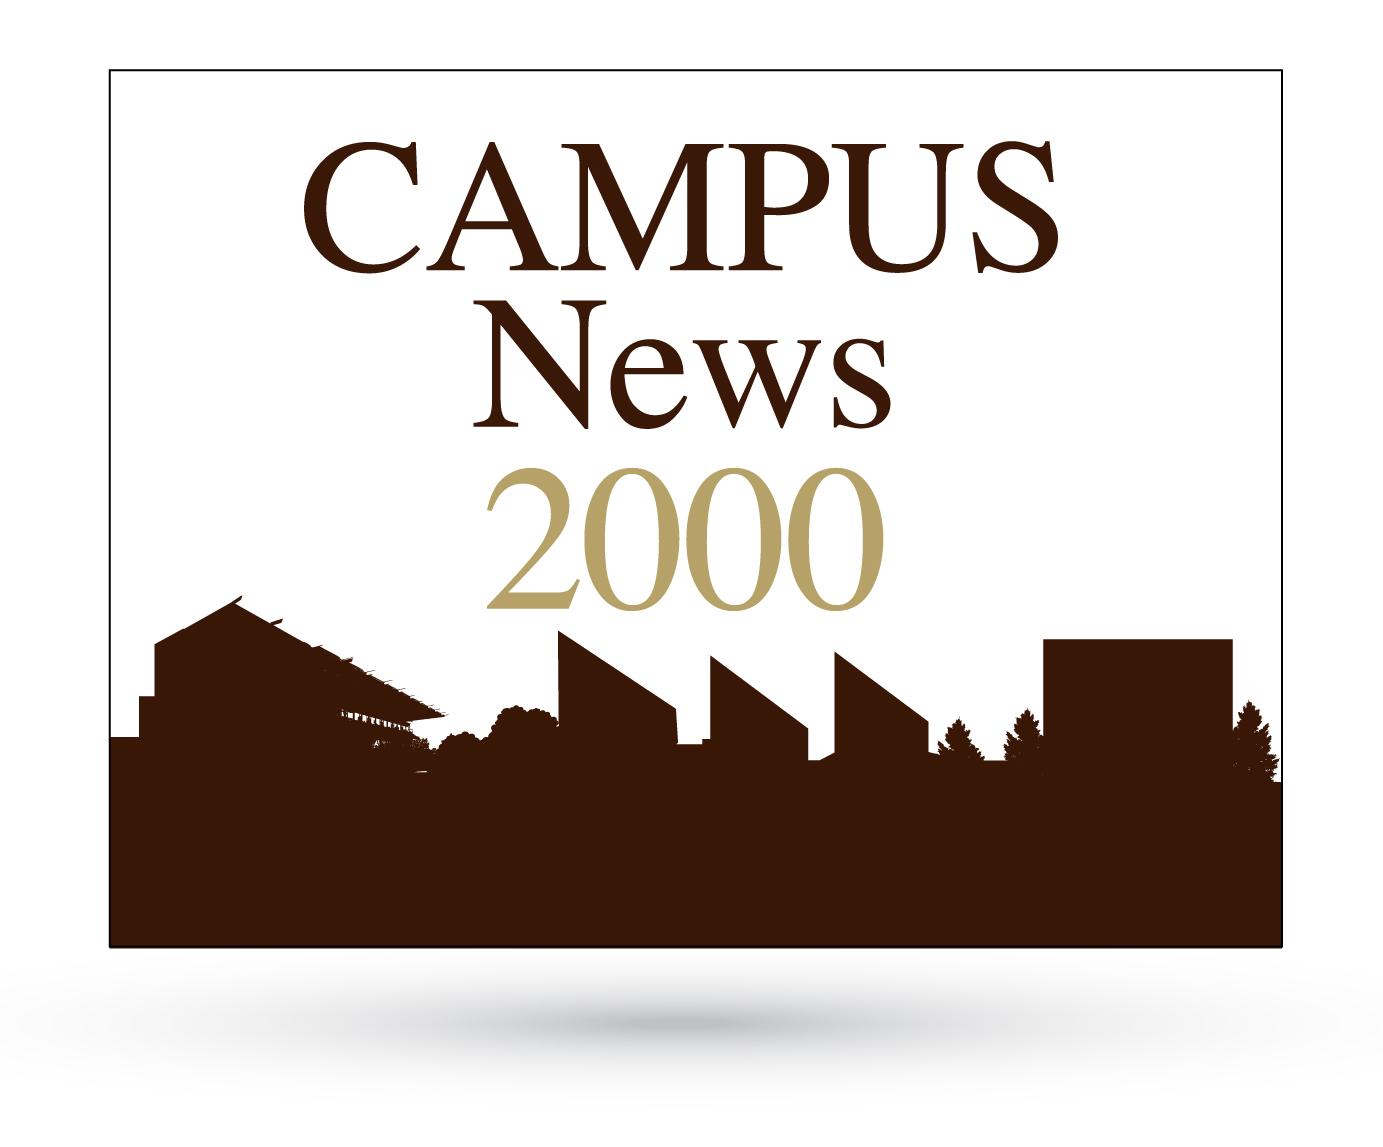 Campus News 2000